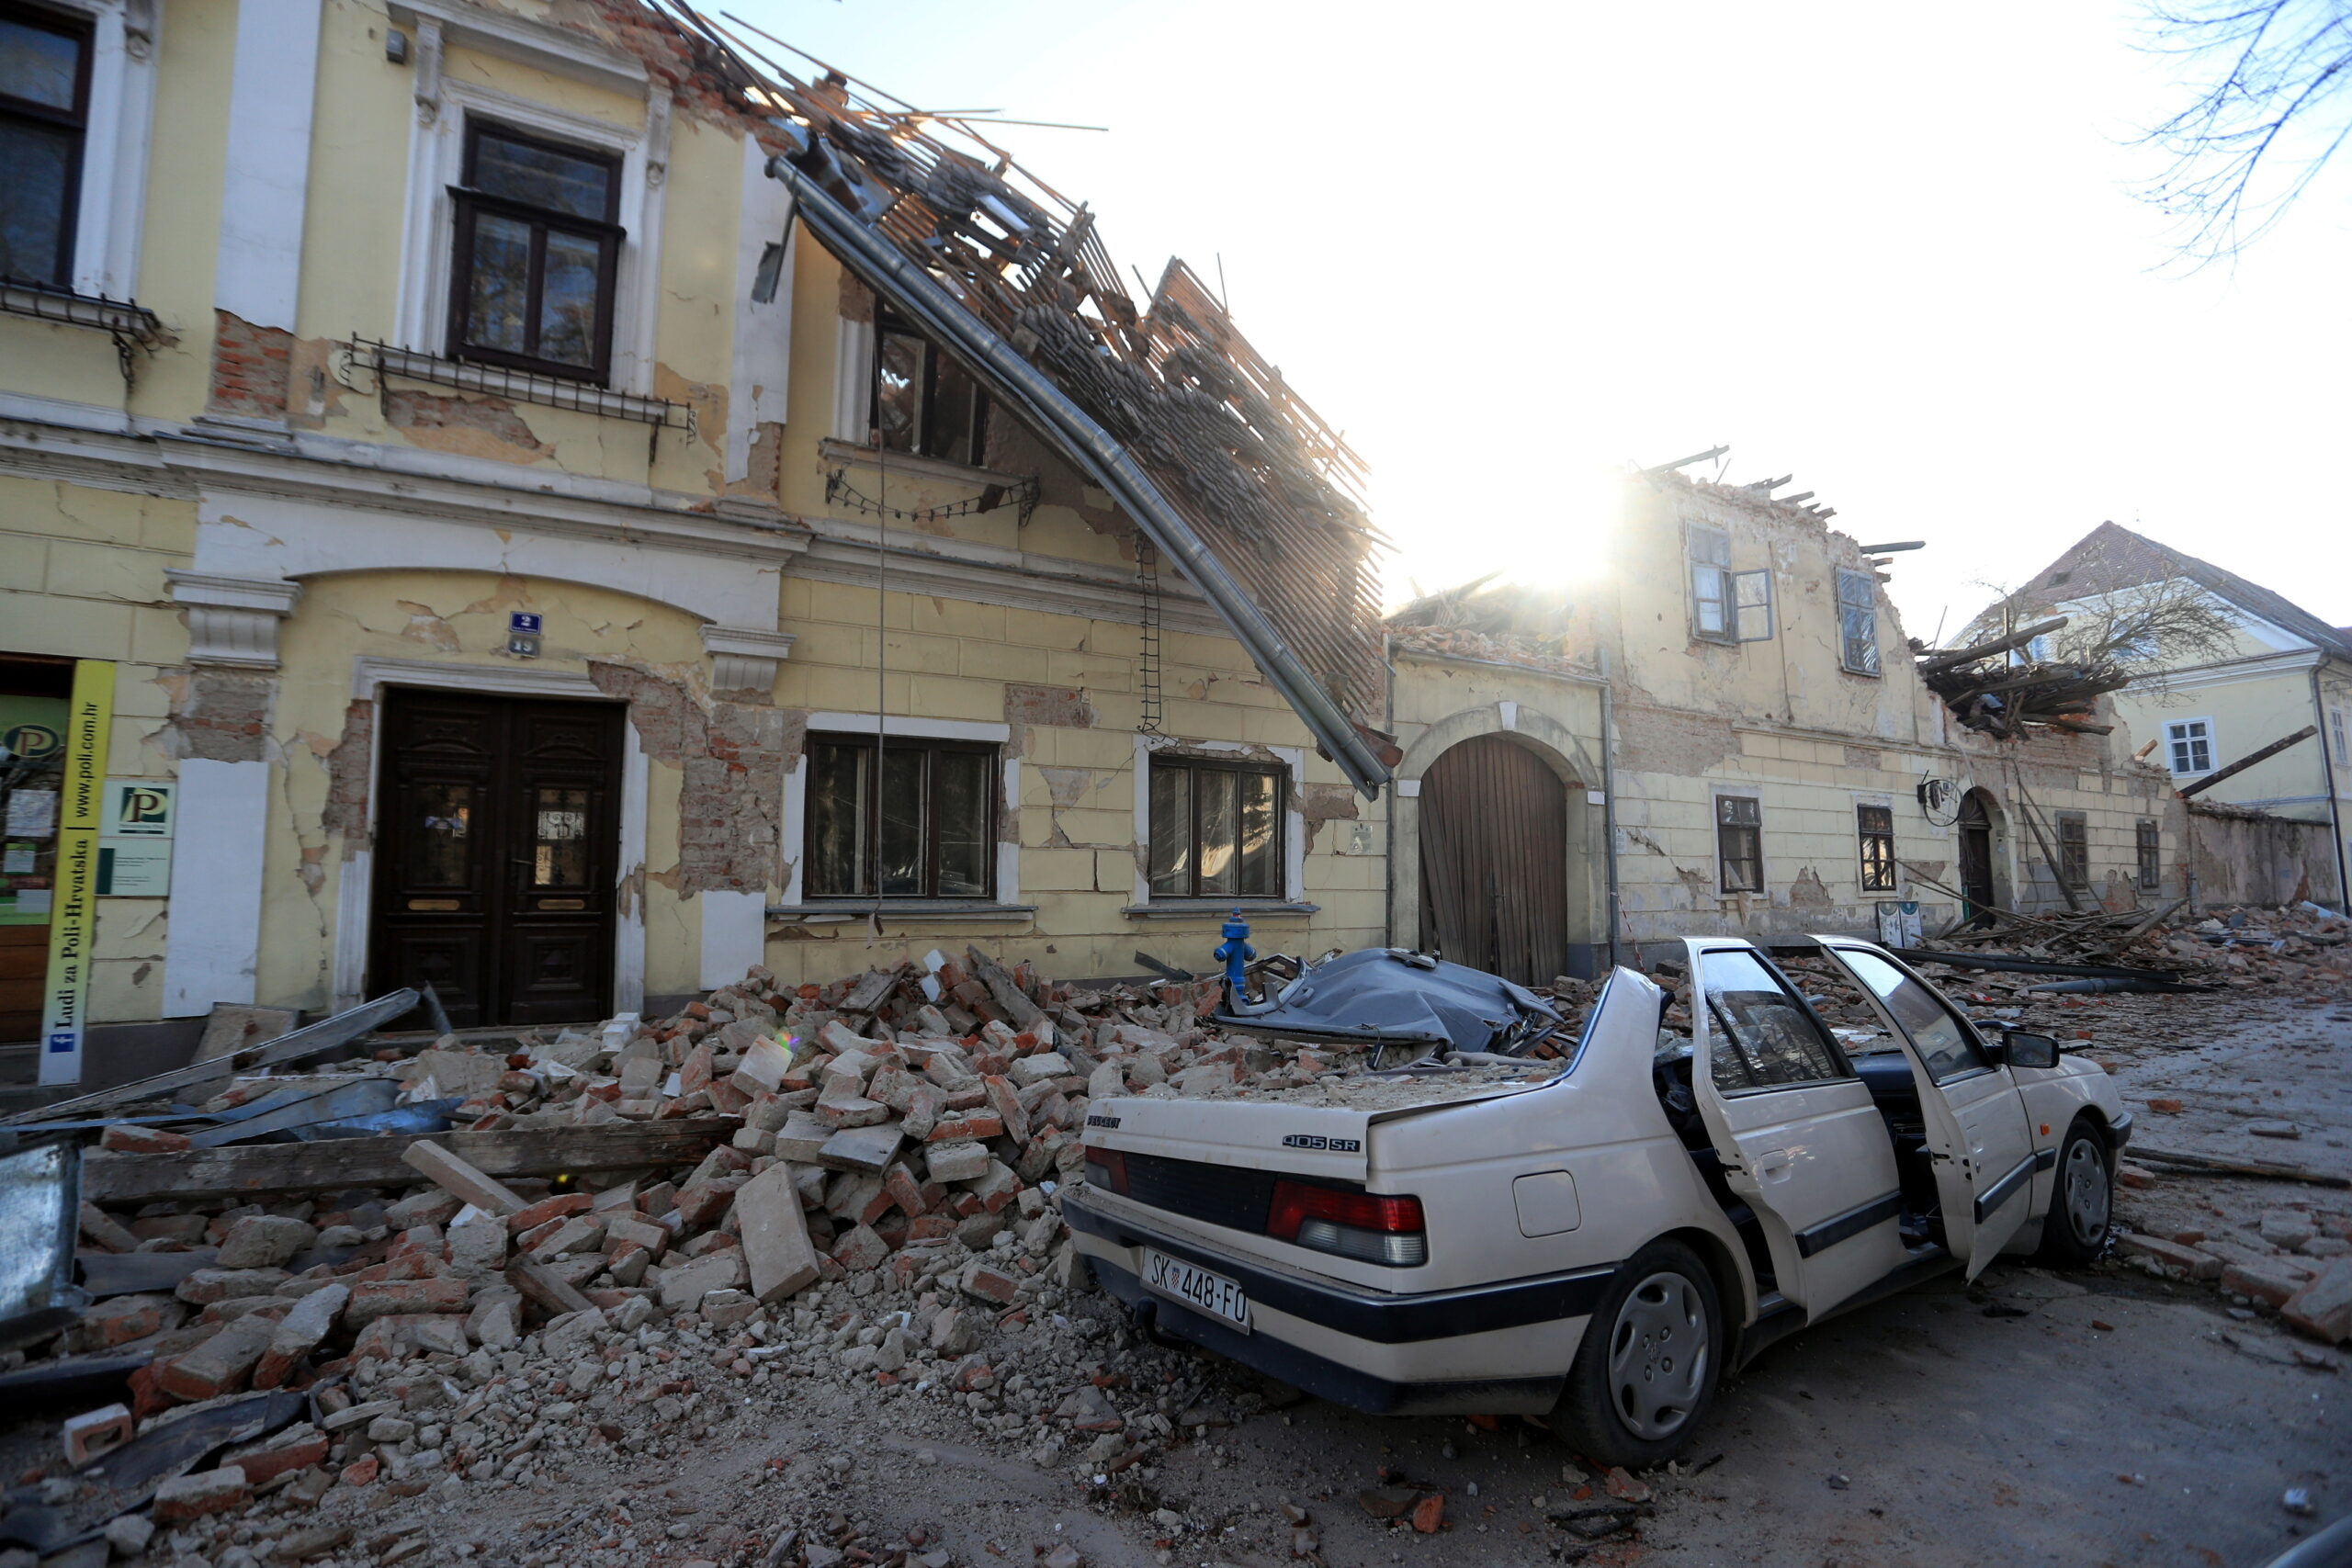 Una casa destruïda i un cotxe aixafat pel terratrèmol a Petrinja, Croàcia | ACN